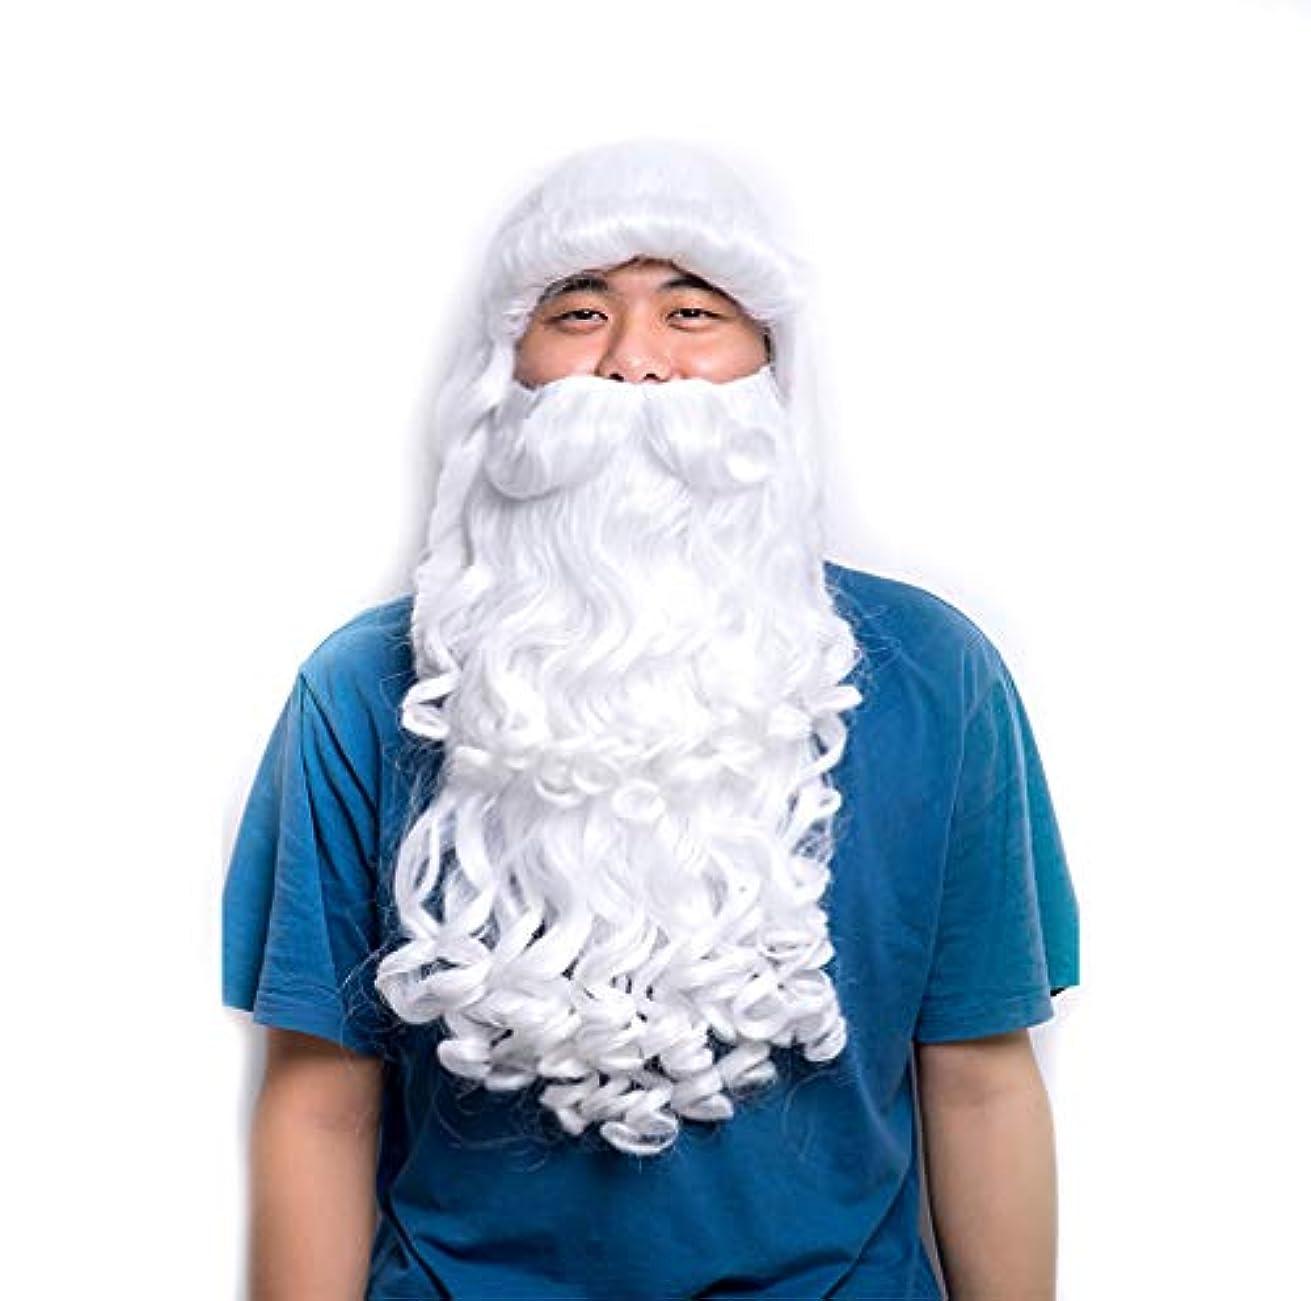 展示会雪だるまを作る入札男性ウィッグ女性ウィッグクリスマスウィッグロング合成オンブルカーリー波状クリスマスハロウィンアニメコスプレパーティーコスチュームウィッグ